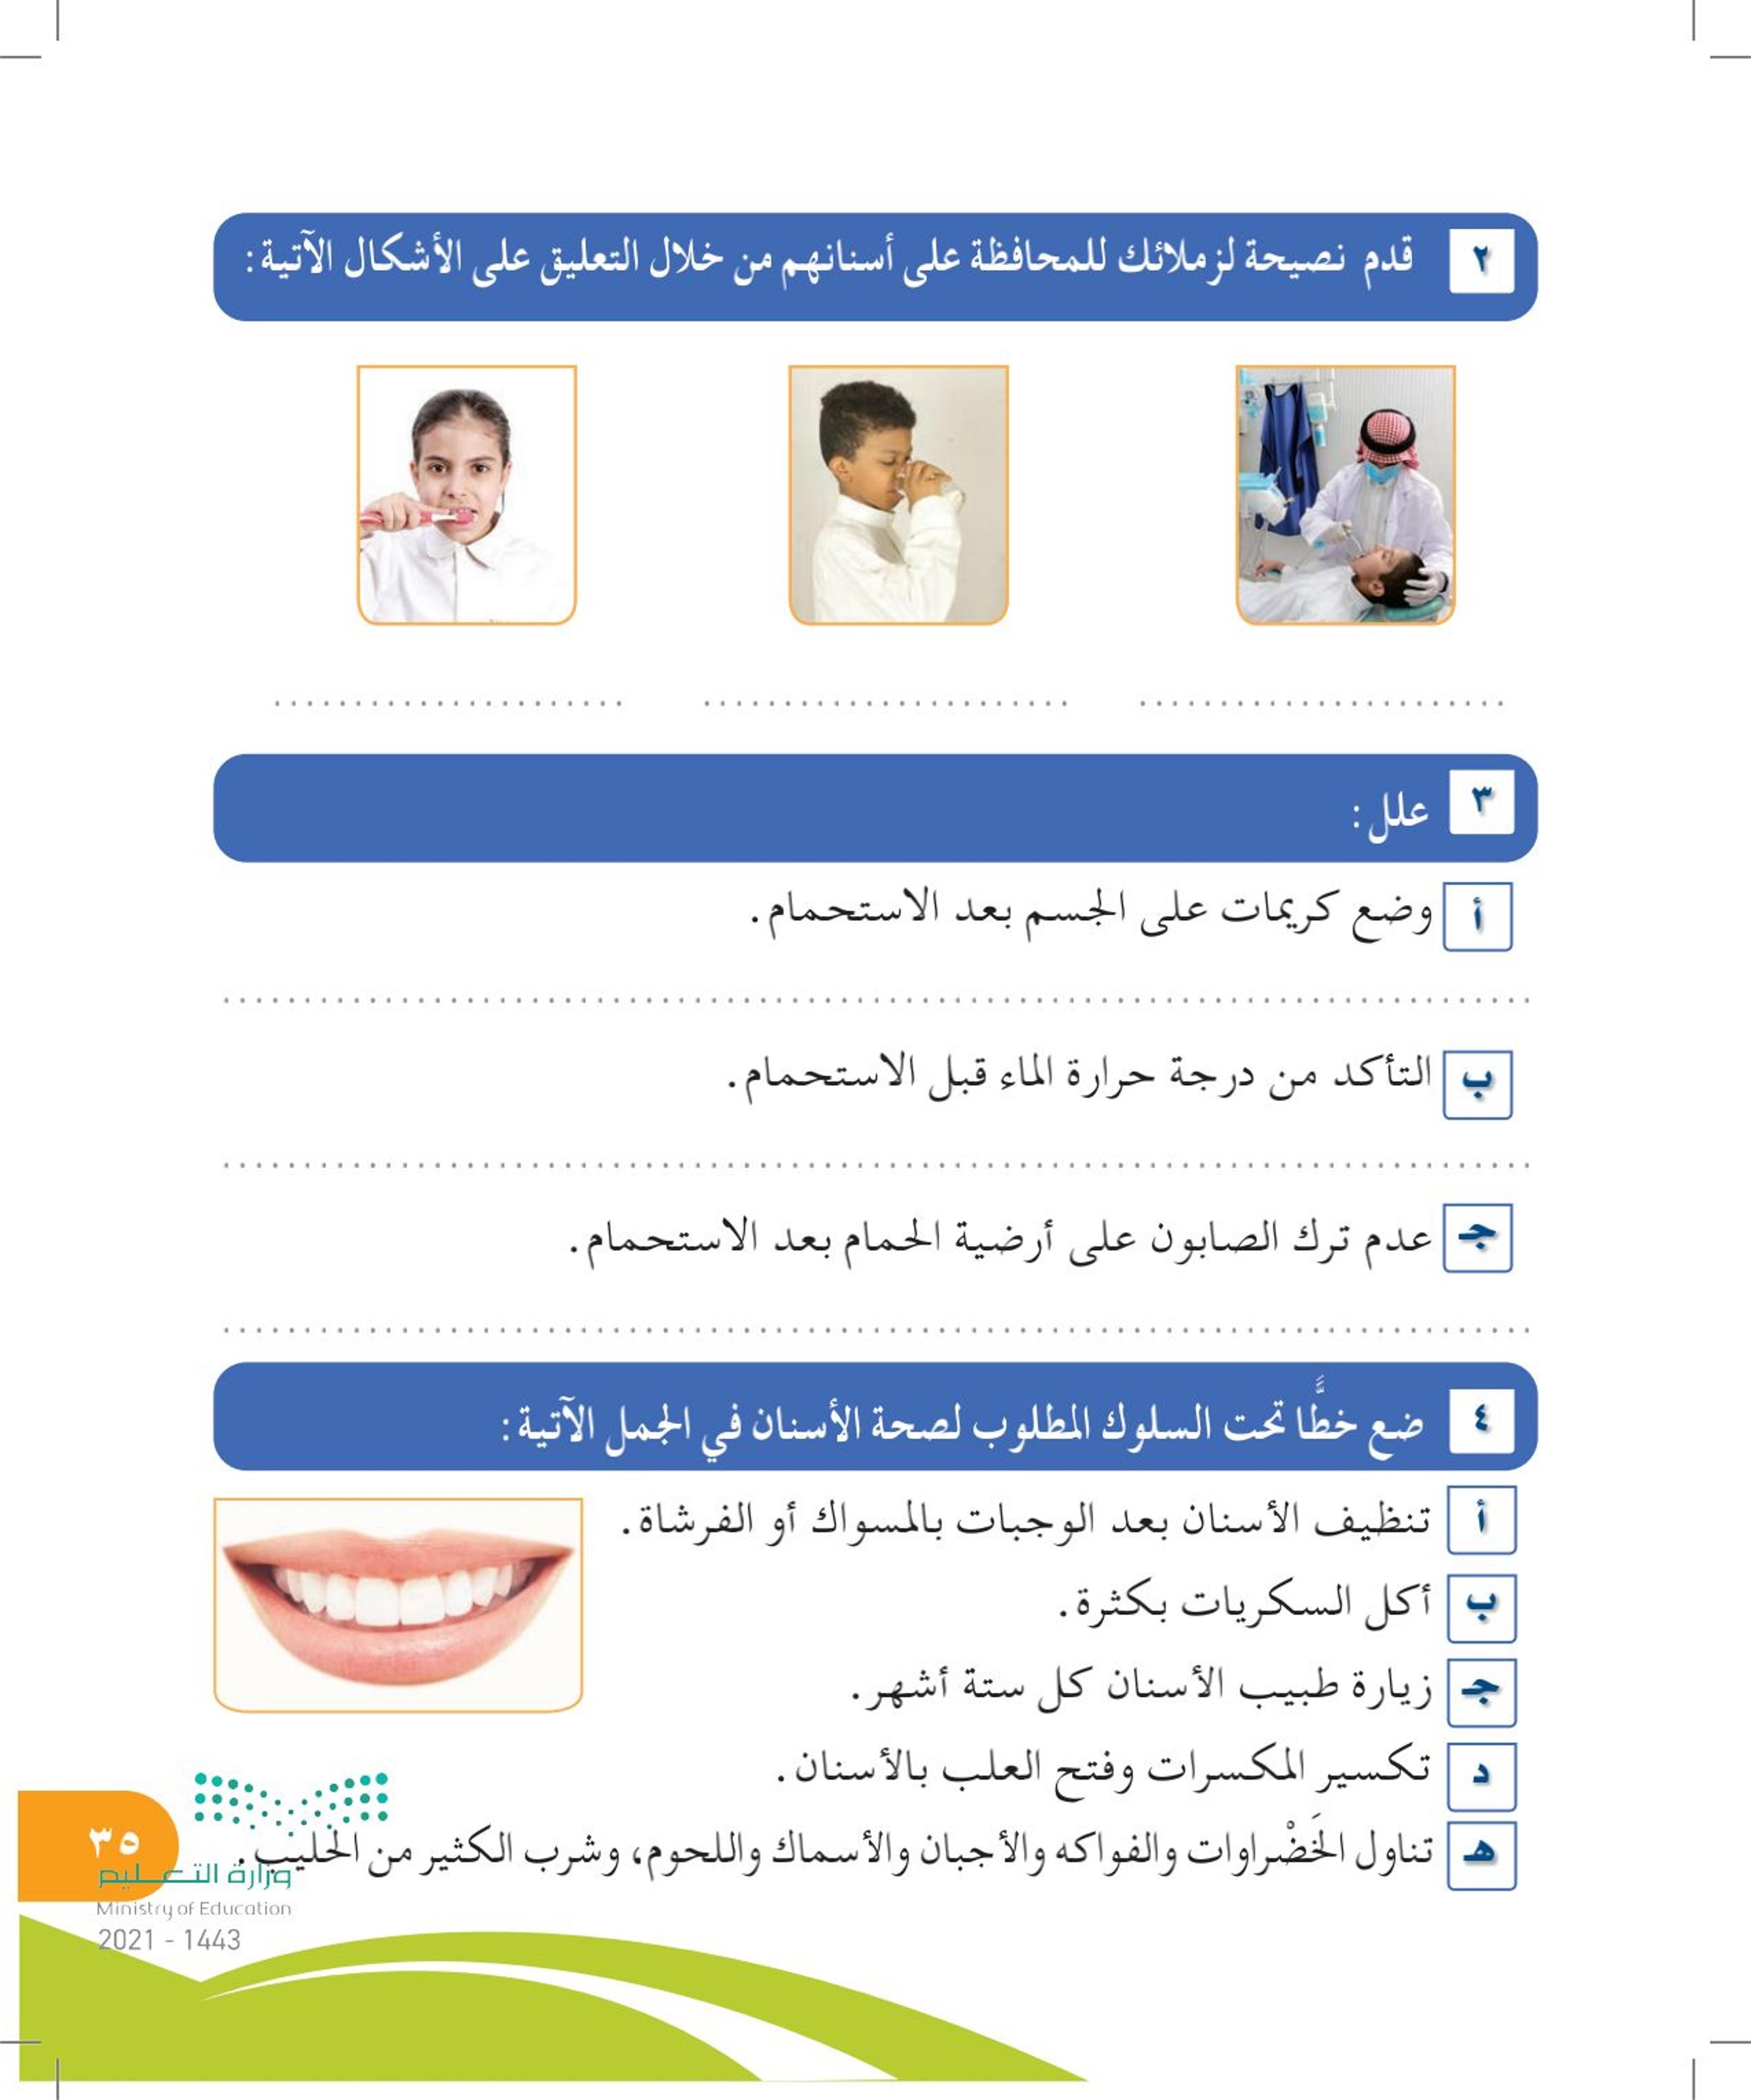 العناية بالفم والأسنان